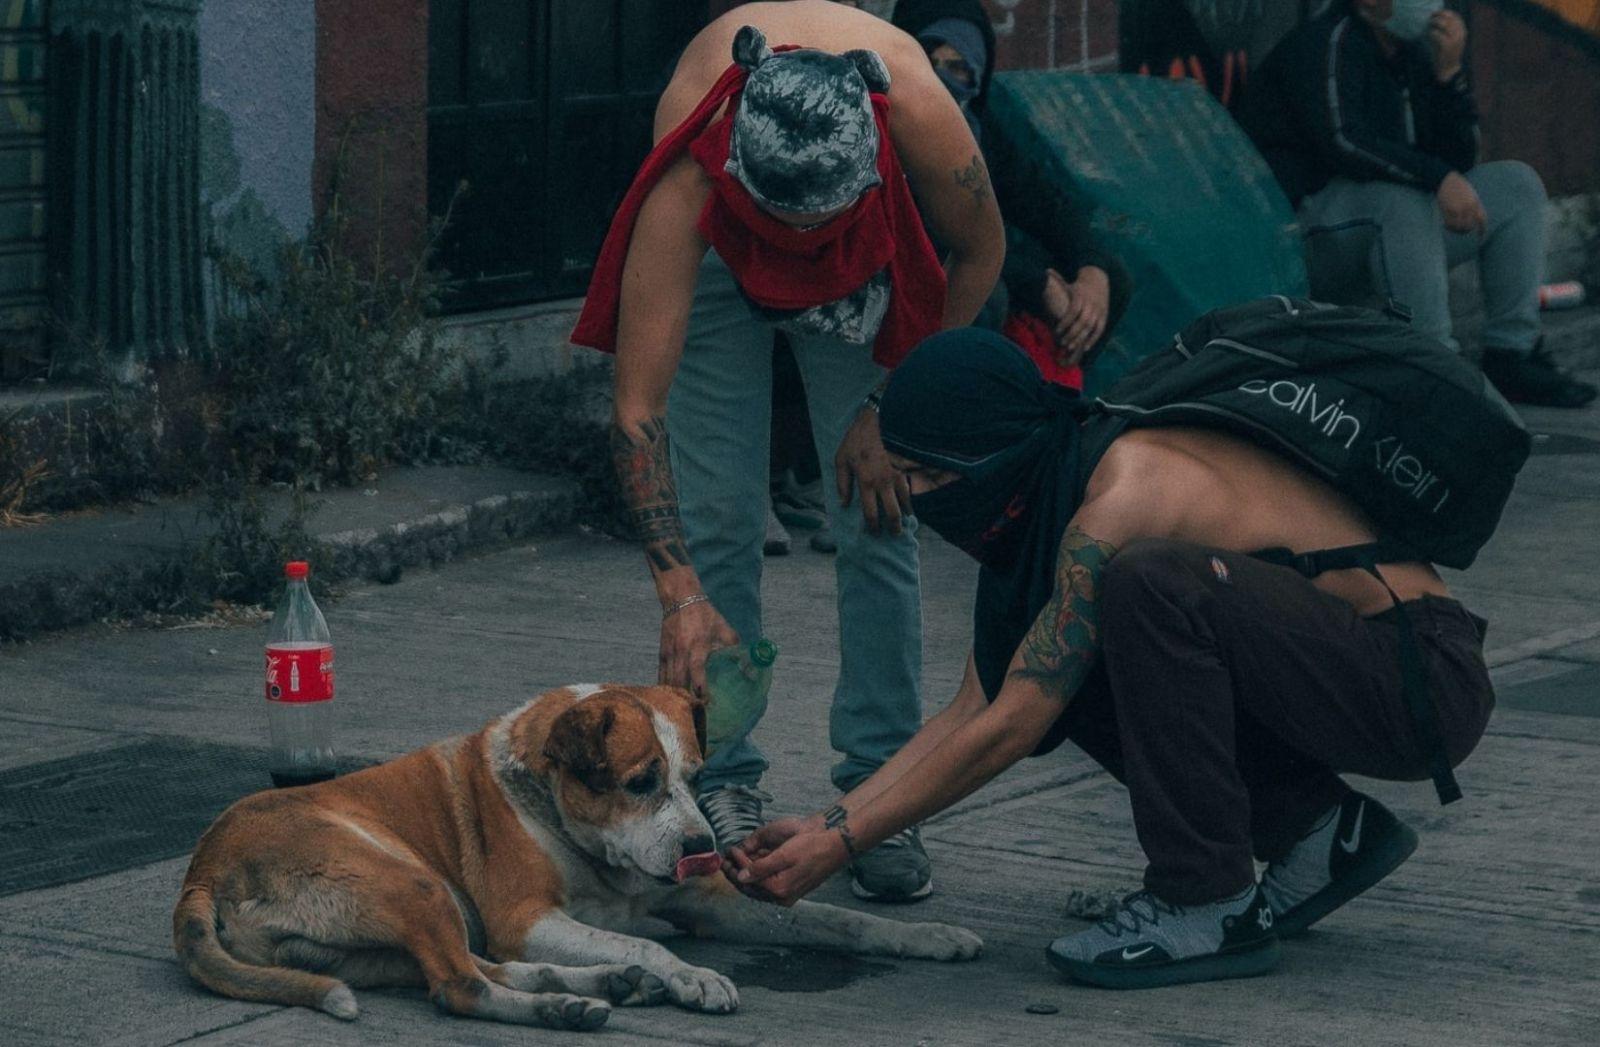 Die sozialen Realitäten bringen die Verhältnisse zum Tanzen nicht nur in Chile. (Foto: Elias Arias, Unsplash.com)